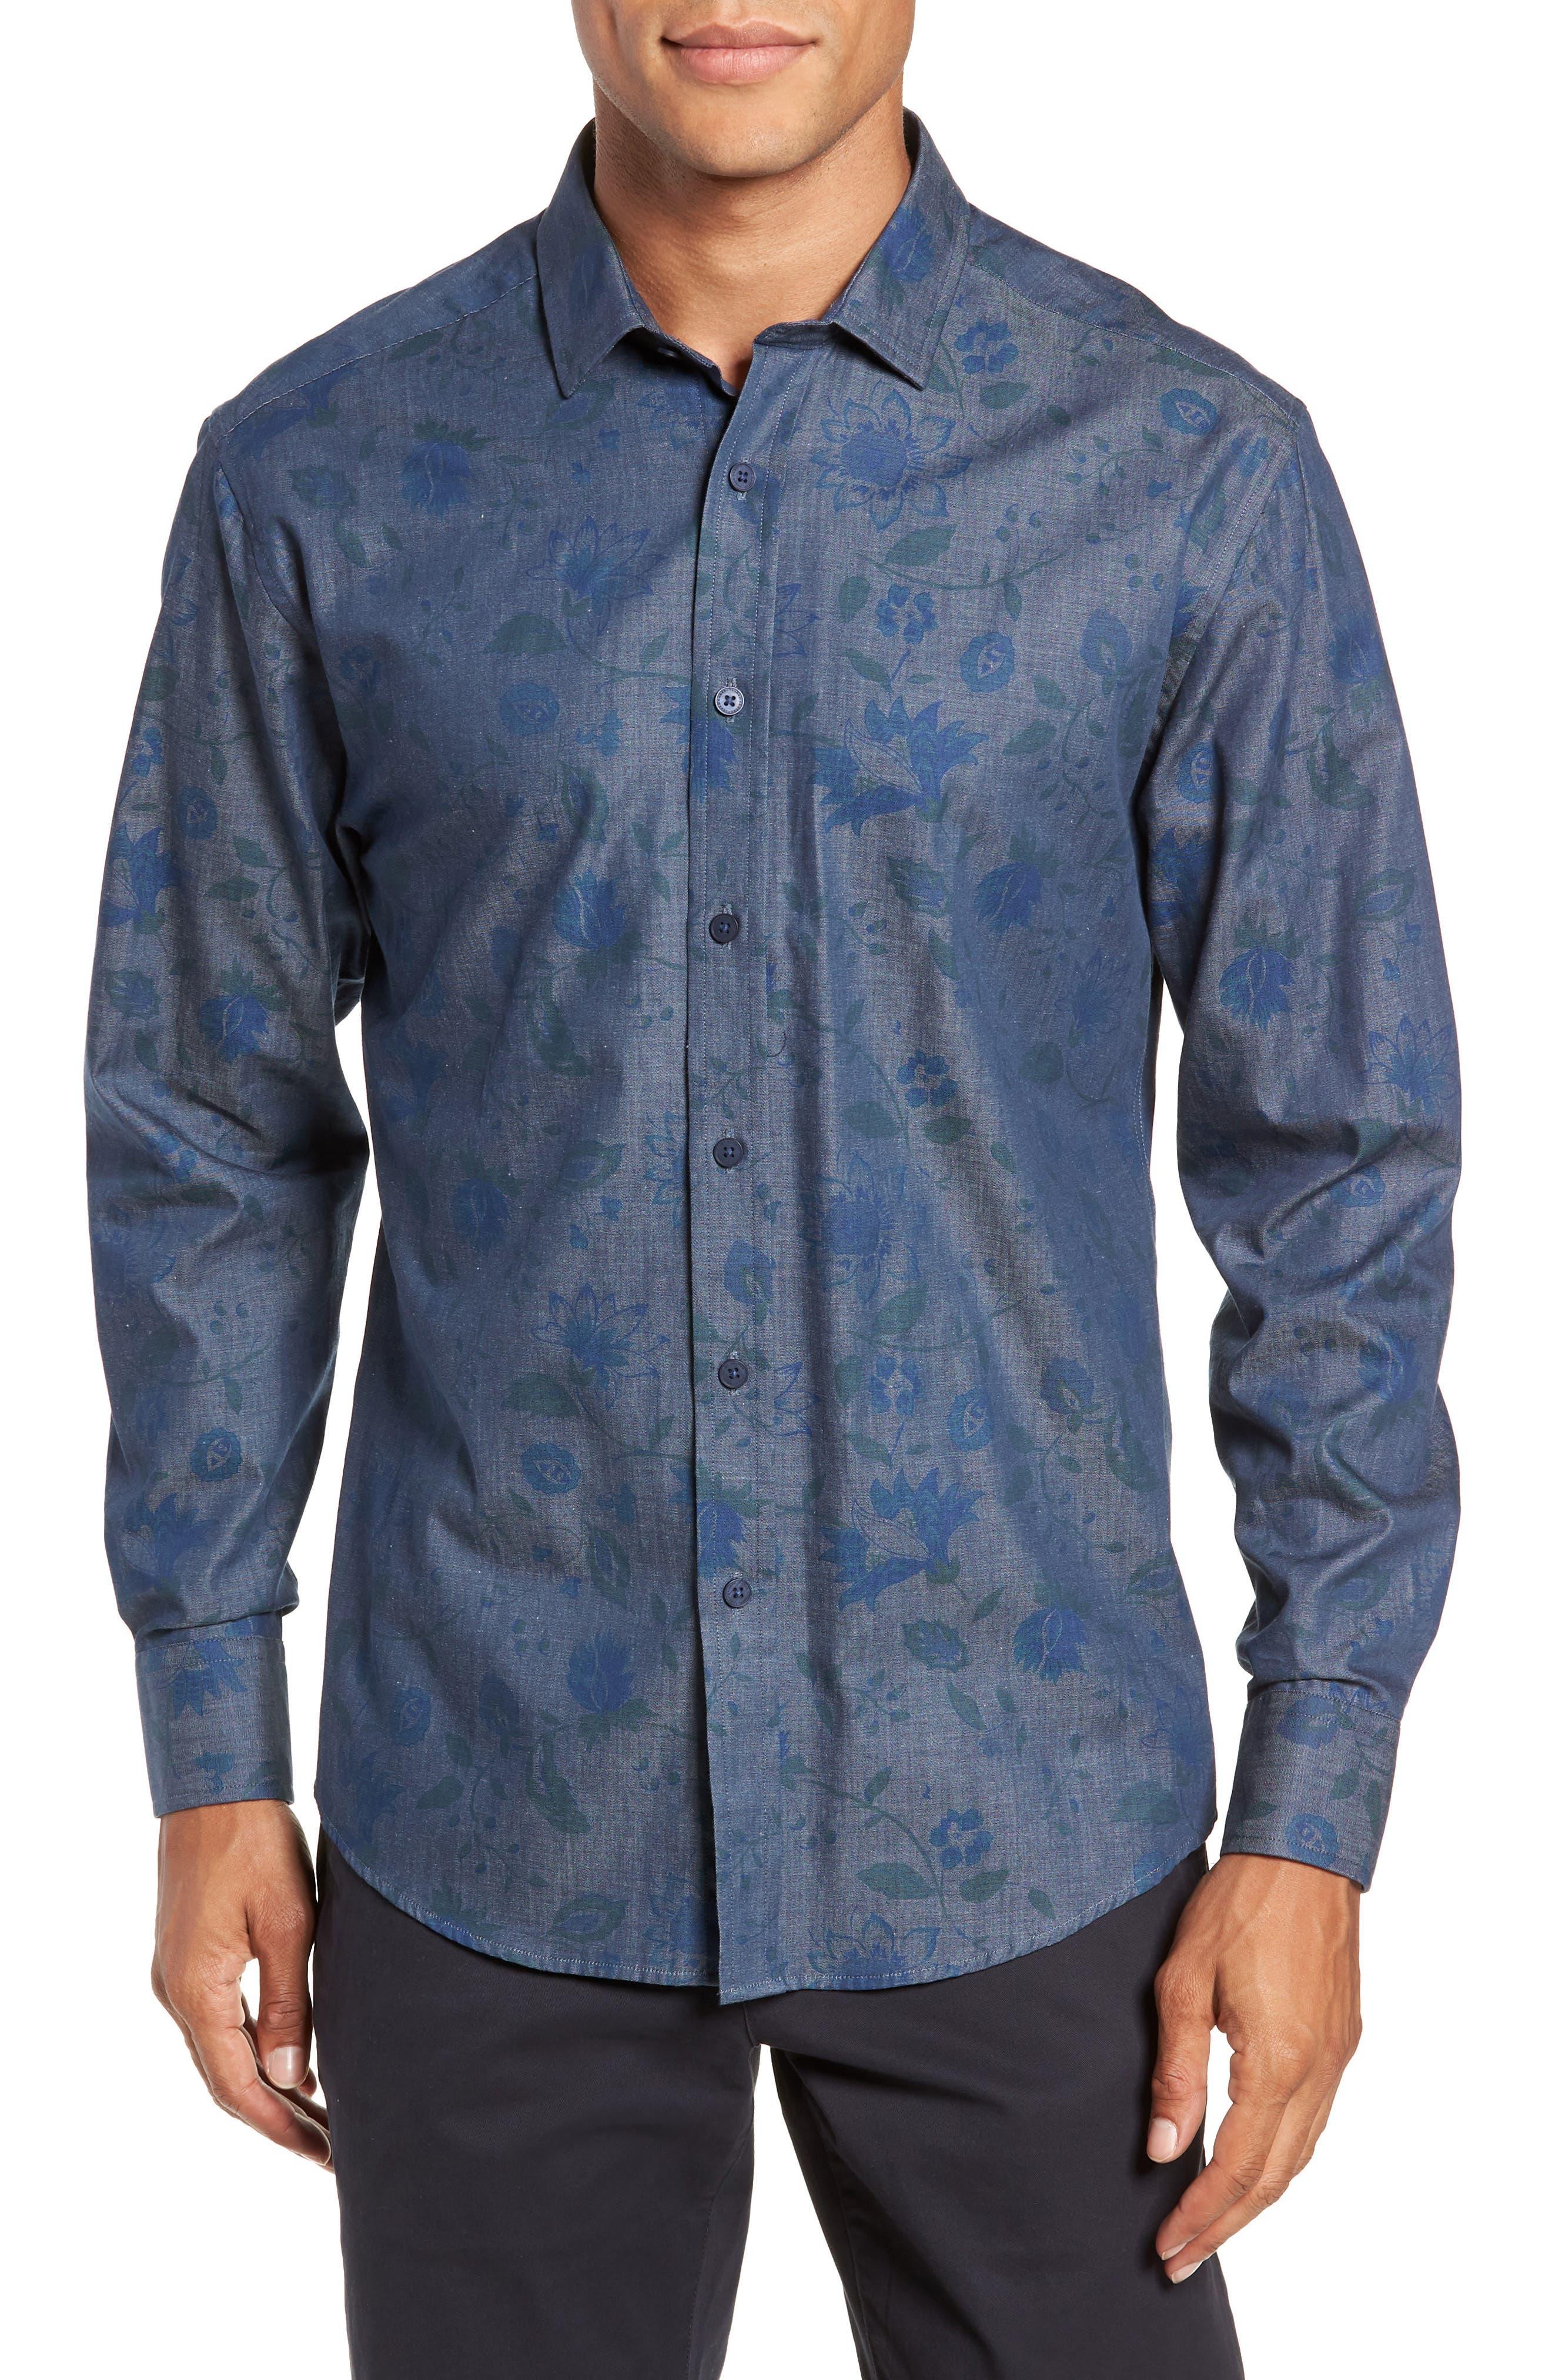 Slim Fit Floral Chambray Sport Shirt,                             Main thumbnail 1, color,                             INDIGO CHAMBRAY FLORAL PRINT